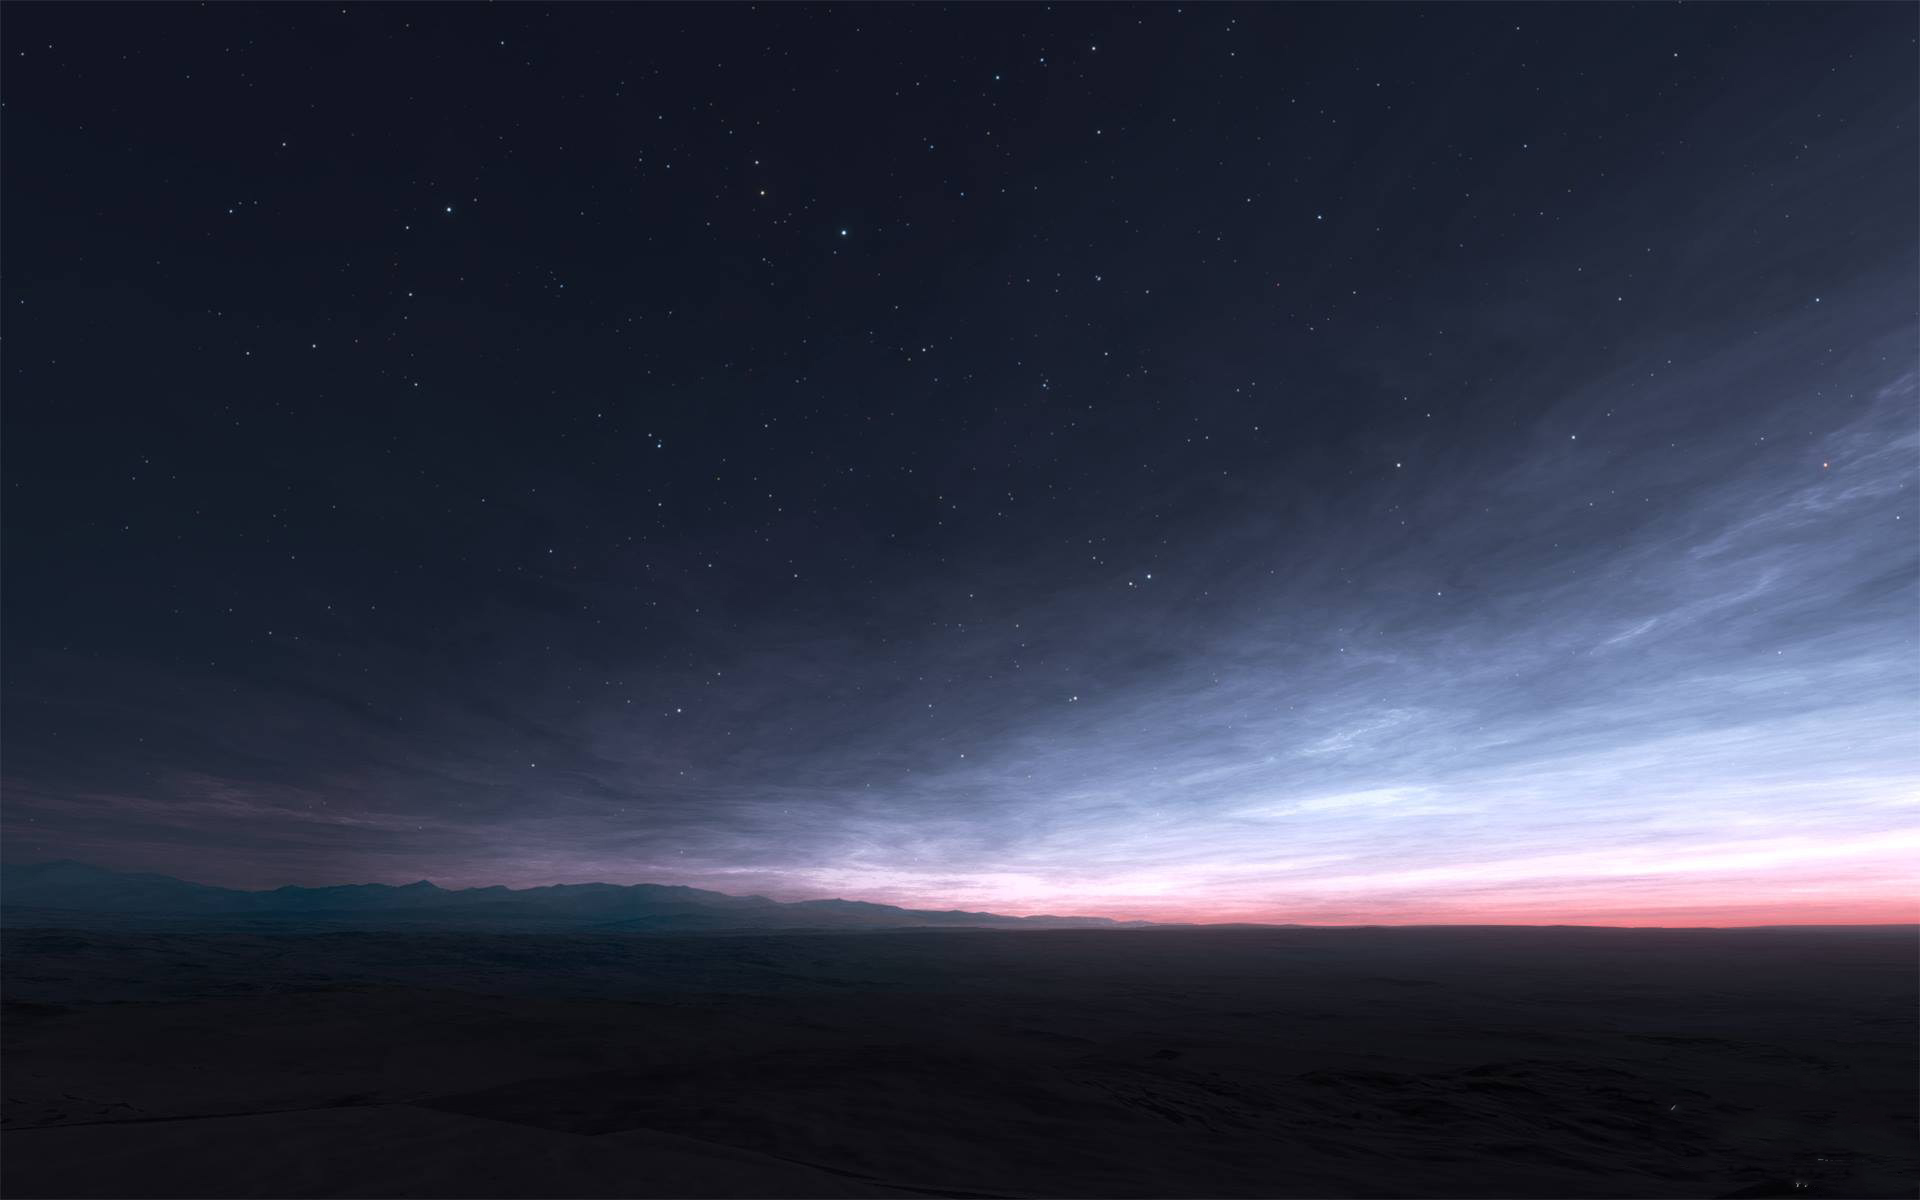 托福听力之天文学领域话题如何应对?